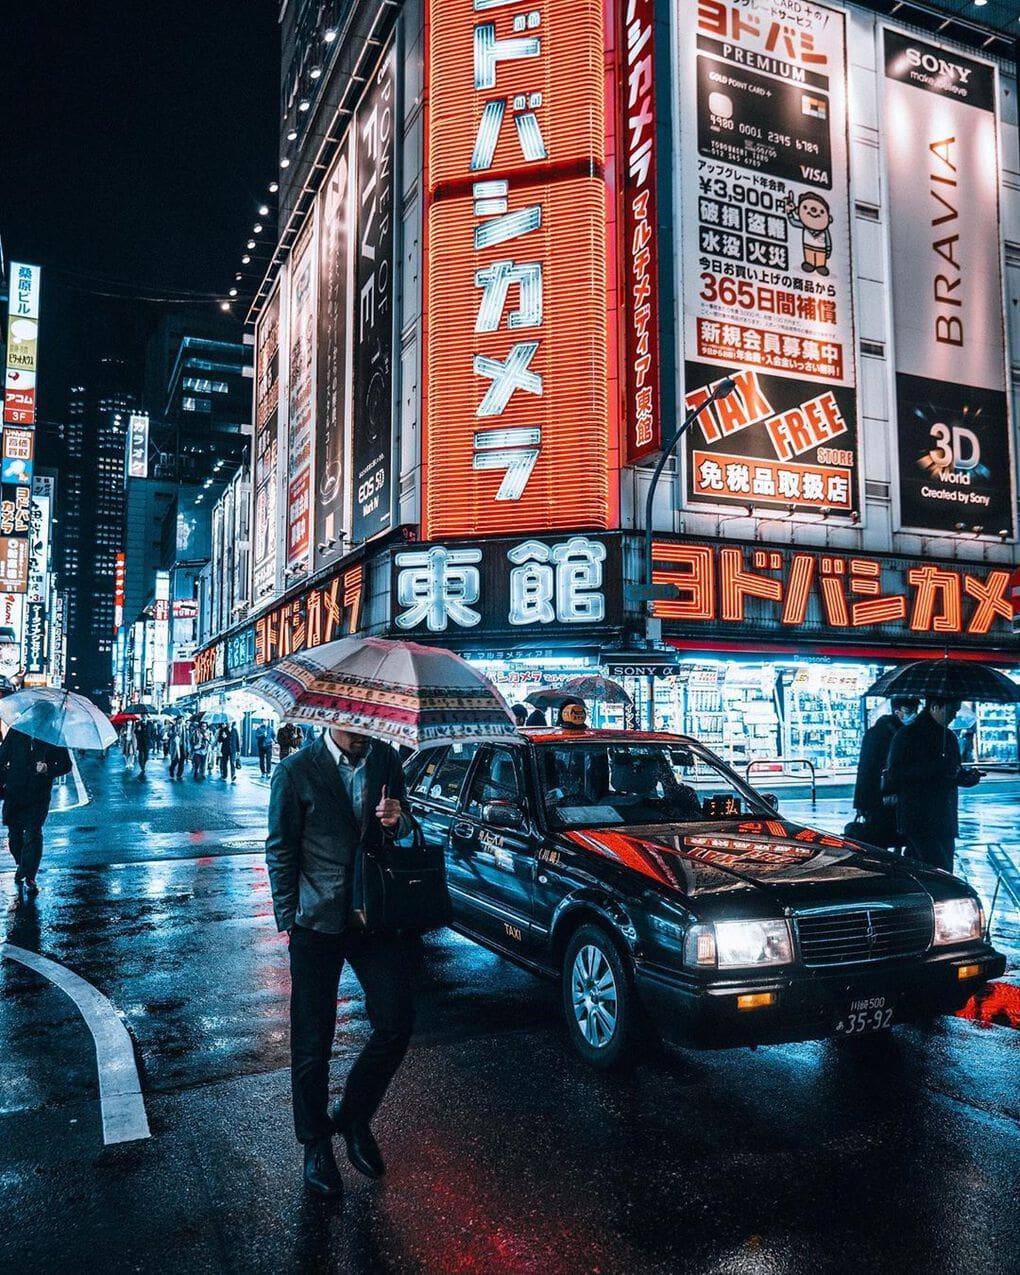 jungraphy 62037969 140874860316088 6548207498605375973 n - 25 работ фотографа из Токио, которые погрузят вас в магическую атмосферу ночных японских улиц